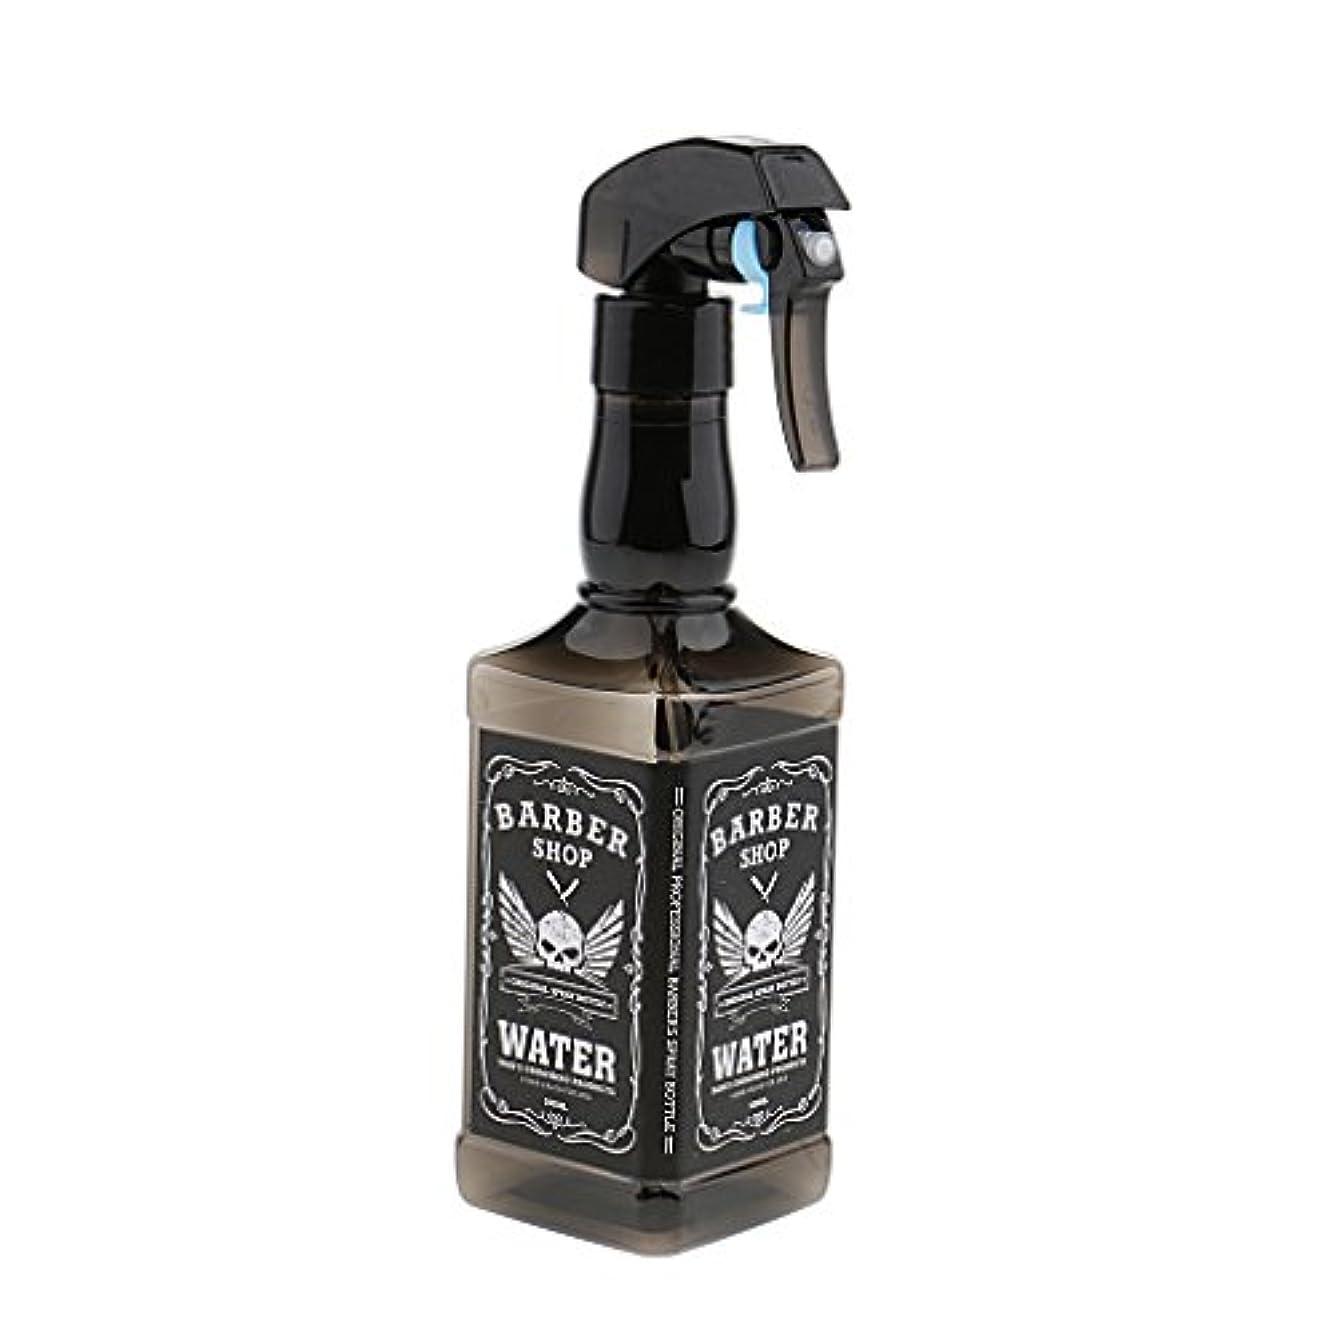 定義前進褐色スプレーボトル プラスチック製 ヘアスプレー ボトル サロン 美容院 水スプレー 500ml 3色選べ - ブラック